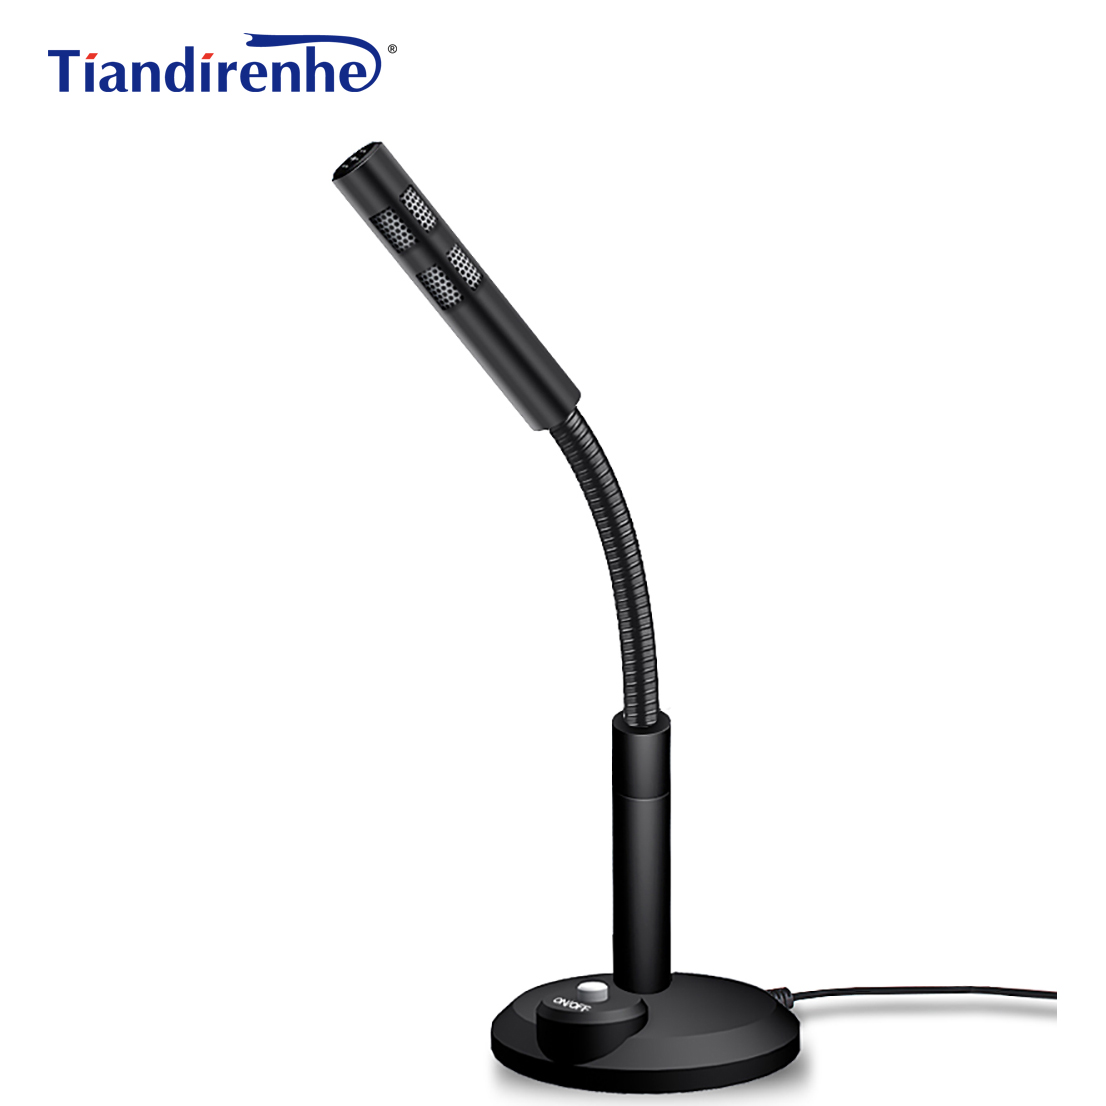 Tiandirenhe 3.5mm Microphone pour Ordinateur Capacitif PC Haut-Parleur Mic pour Téléphone Ordinateur Portable Skype MSN Karaoke Studio Microphones